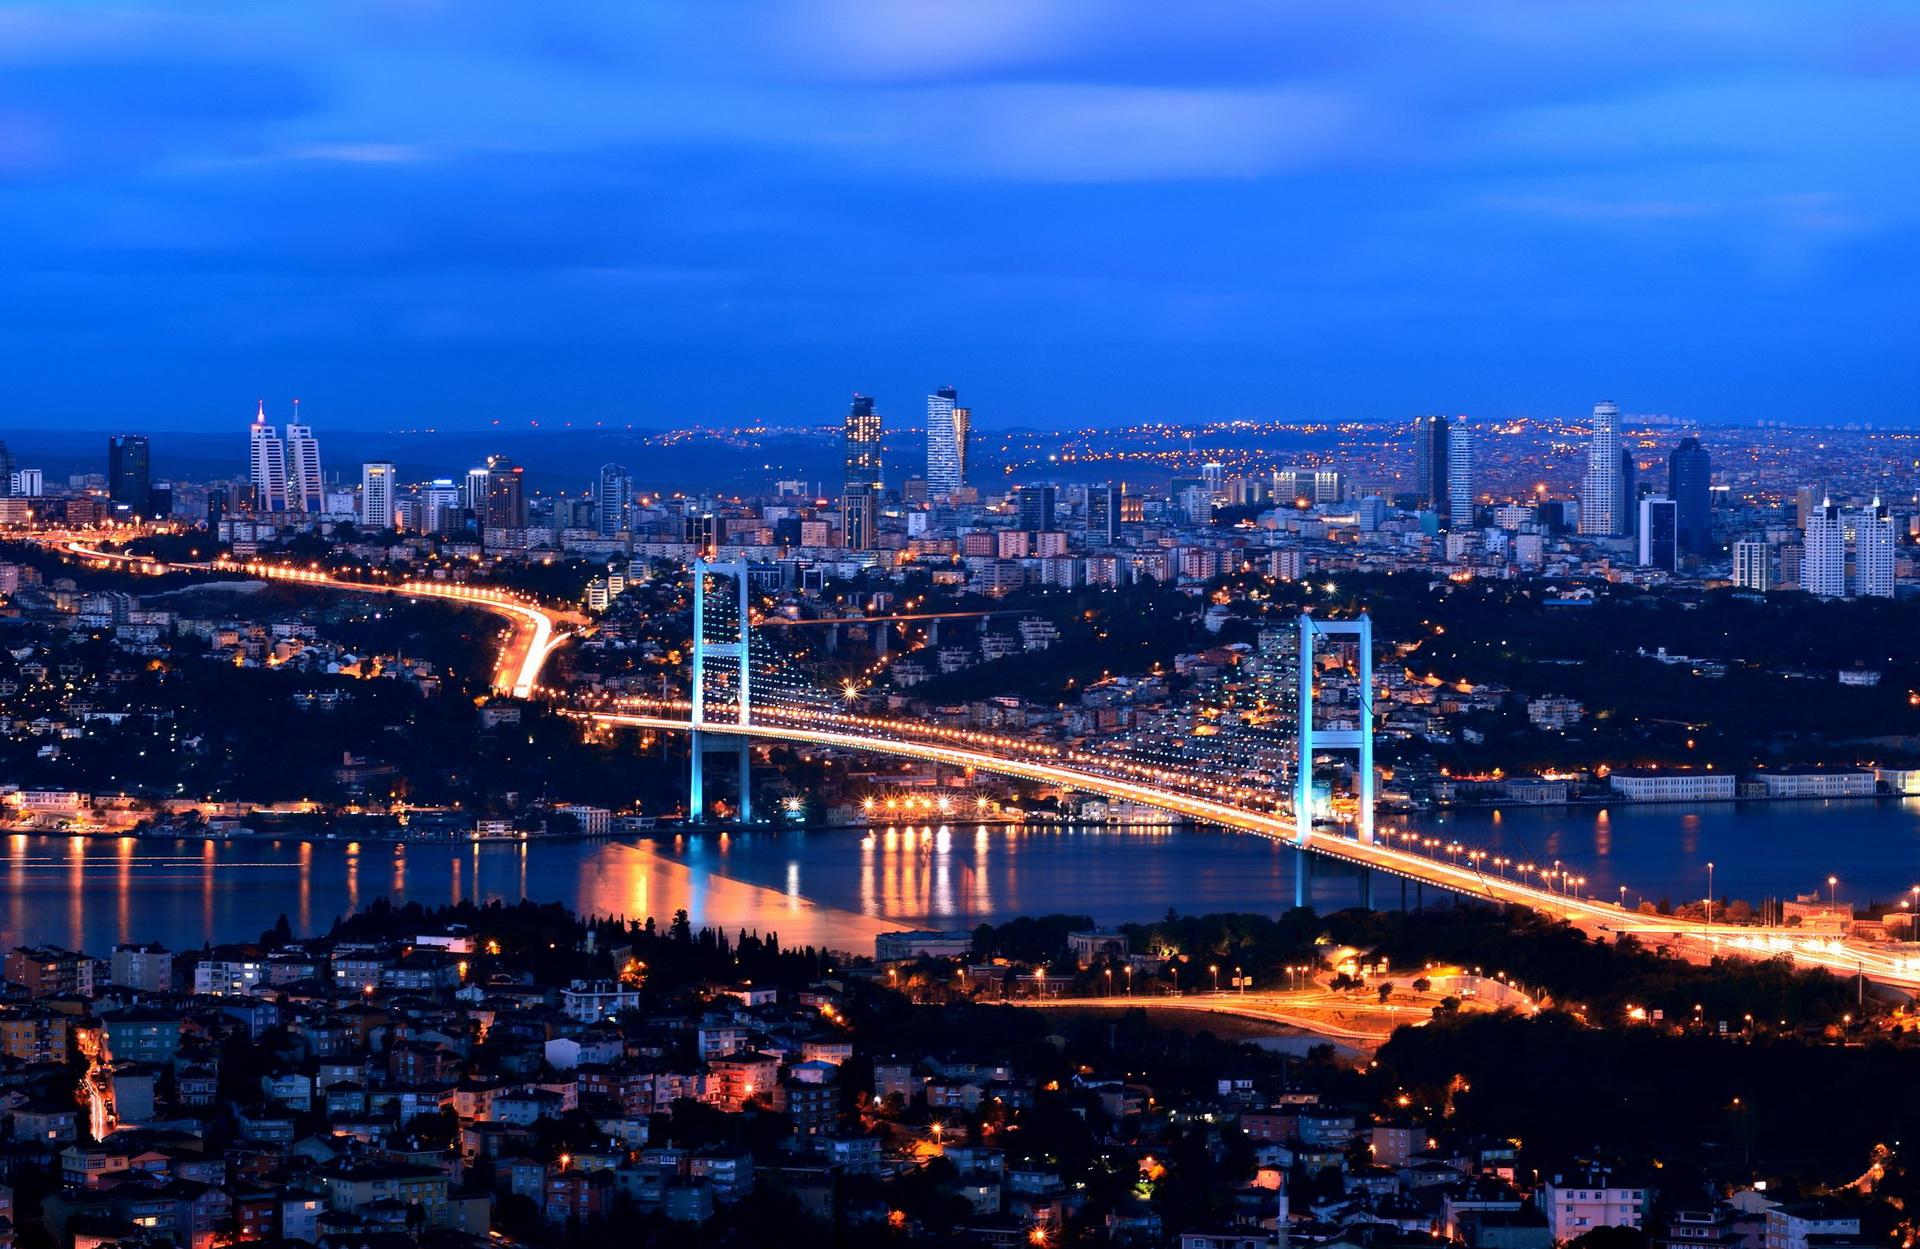 ریمیکس فوق العاده زیبا ترکی با کیفیت عالی از دیجی عرفان